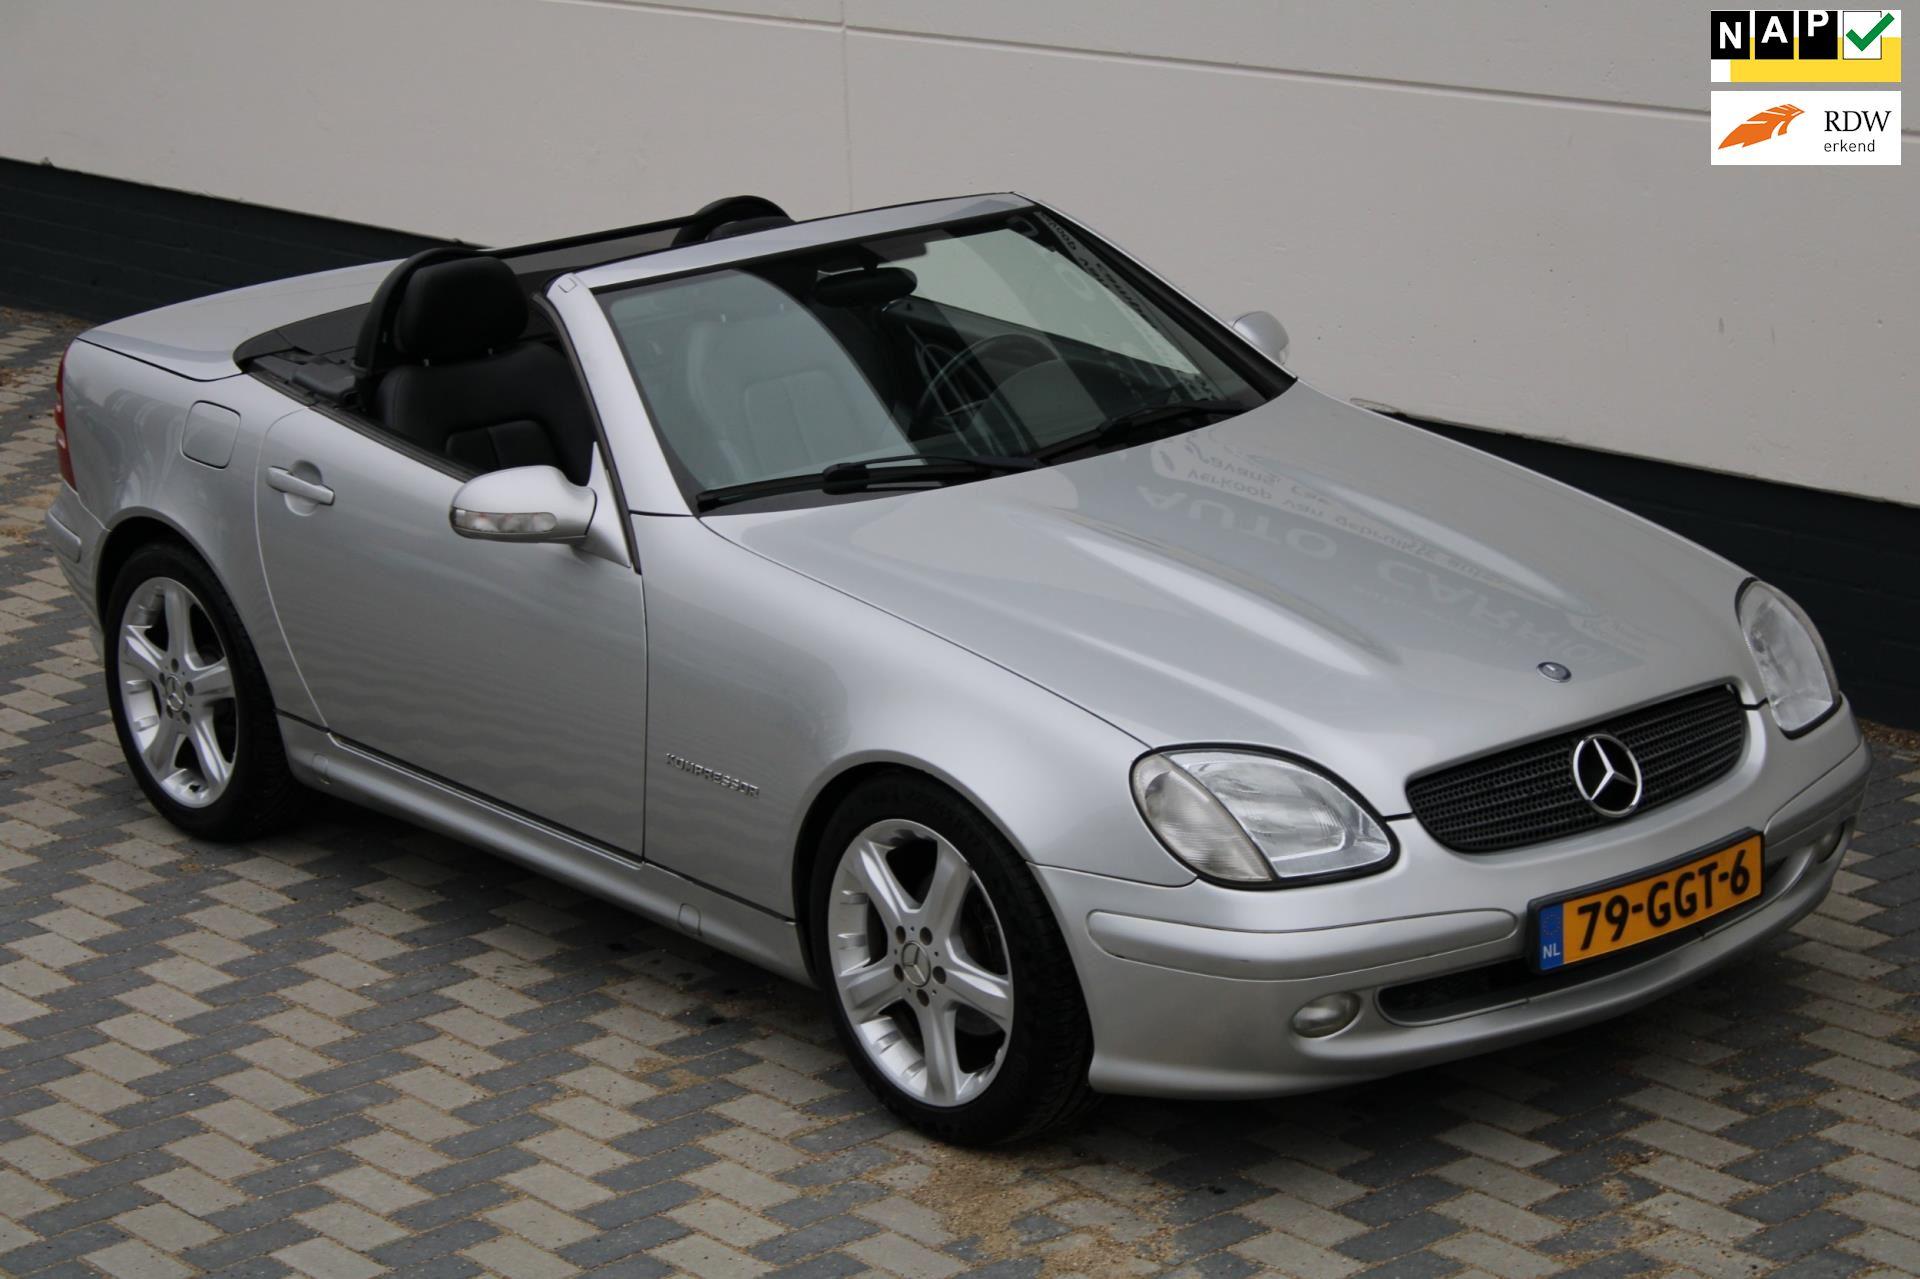 Mercedes-Benz SLK-klasse occasion - CARRION